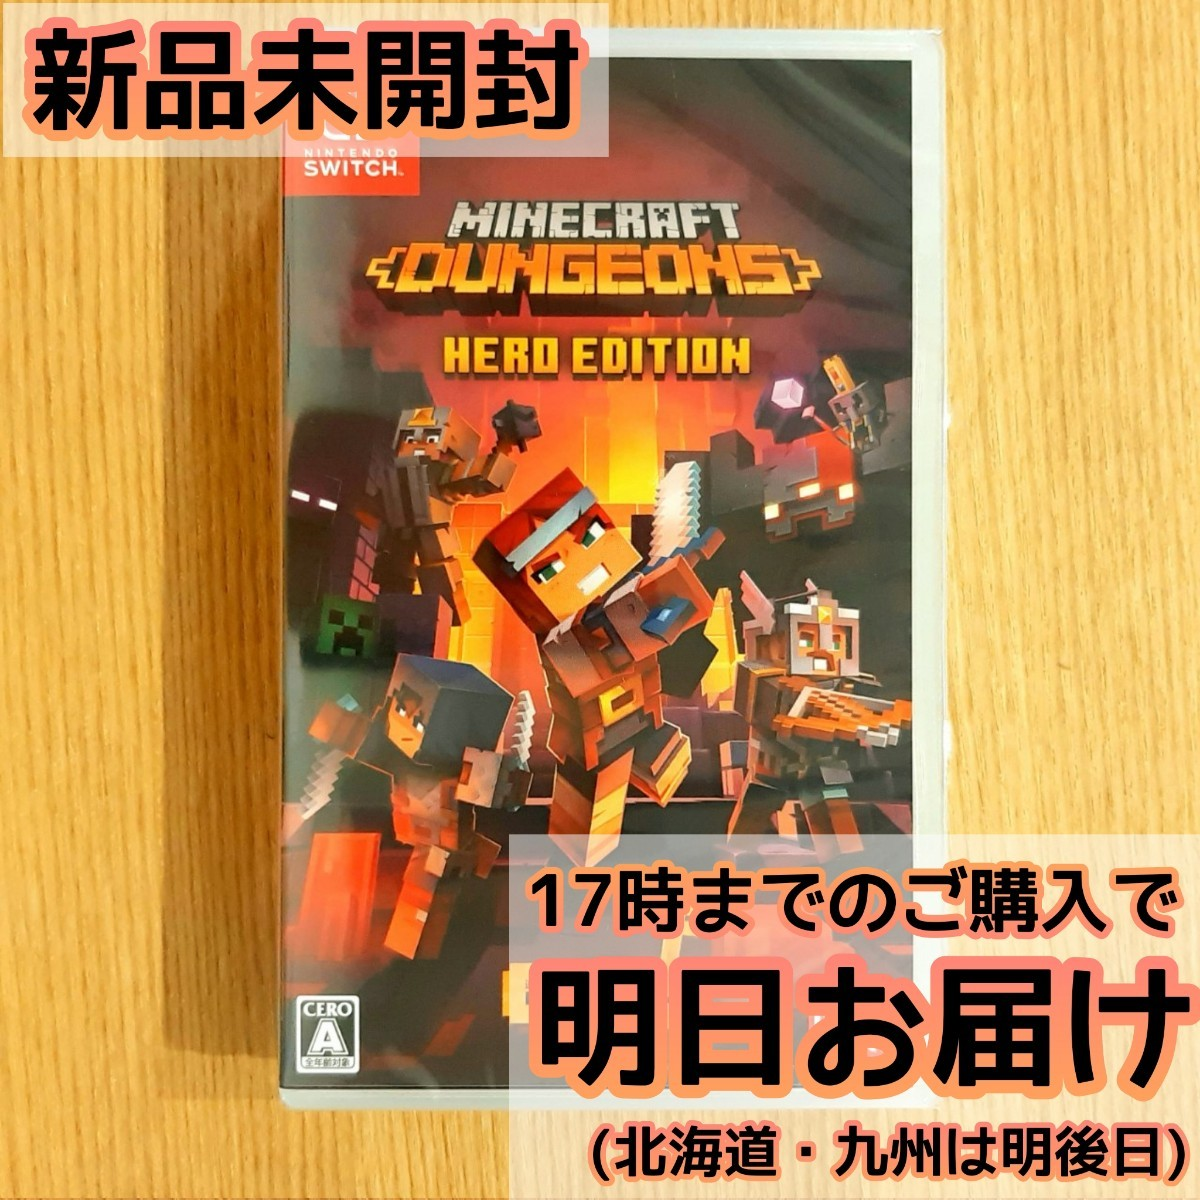 Switch マインクラフト ダンジョンズヒーローエディション Minecraft Dungeons Hero Edition